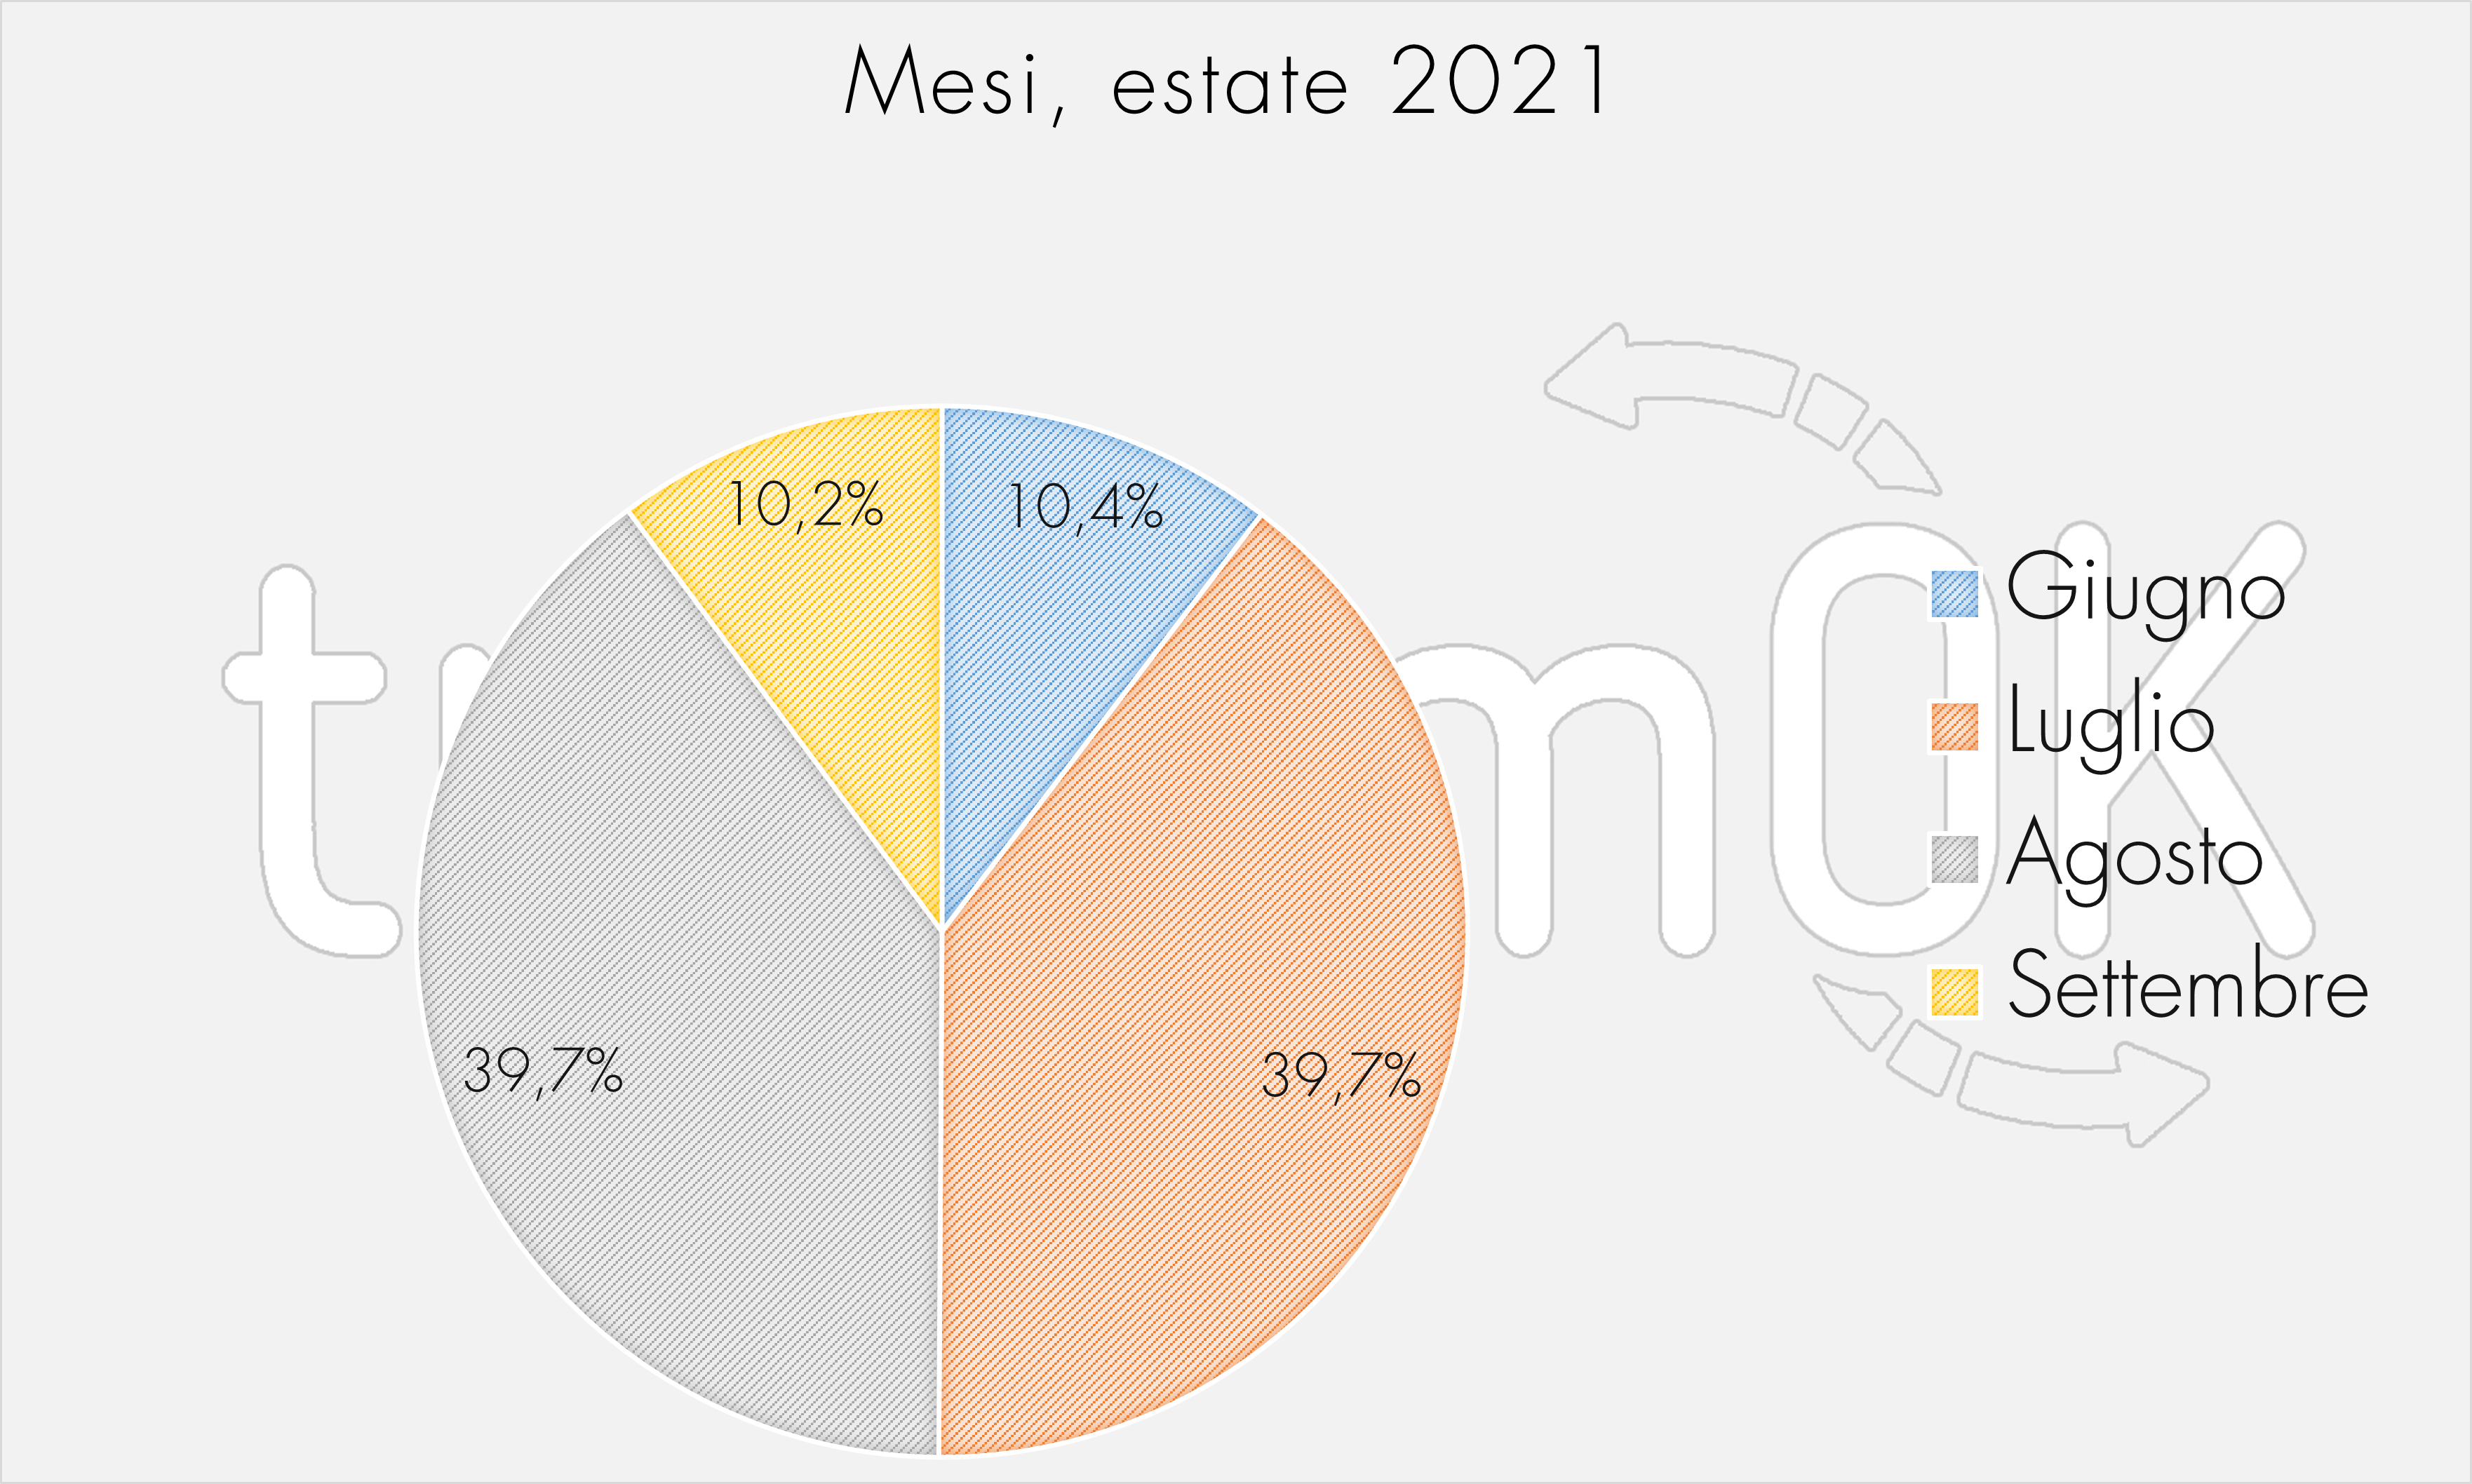 Mesi, estate 2021